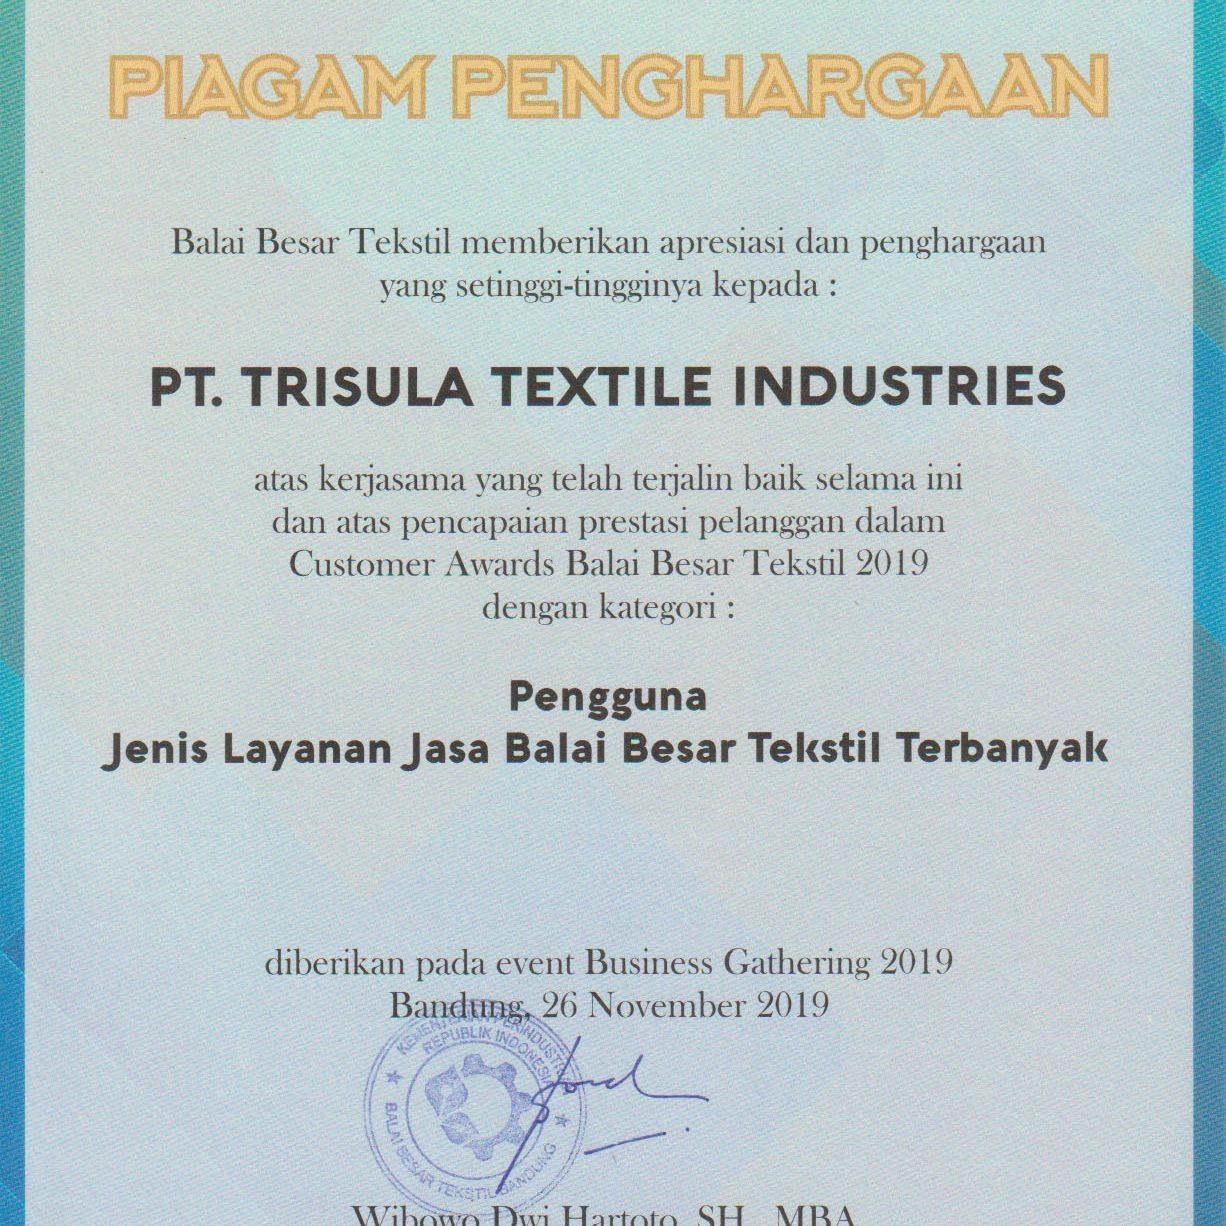 Sertifikat Pengguna Jasa Balai Besar Tekstil Terbanyak 2019